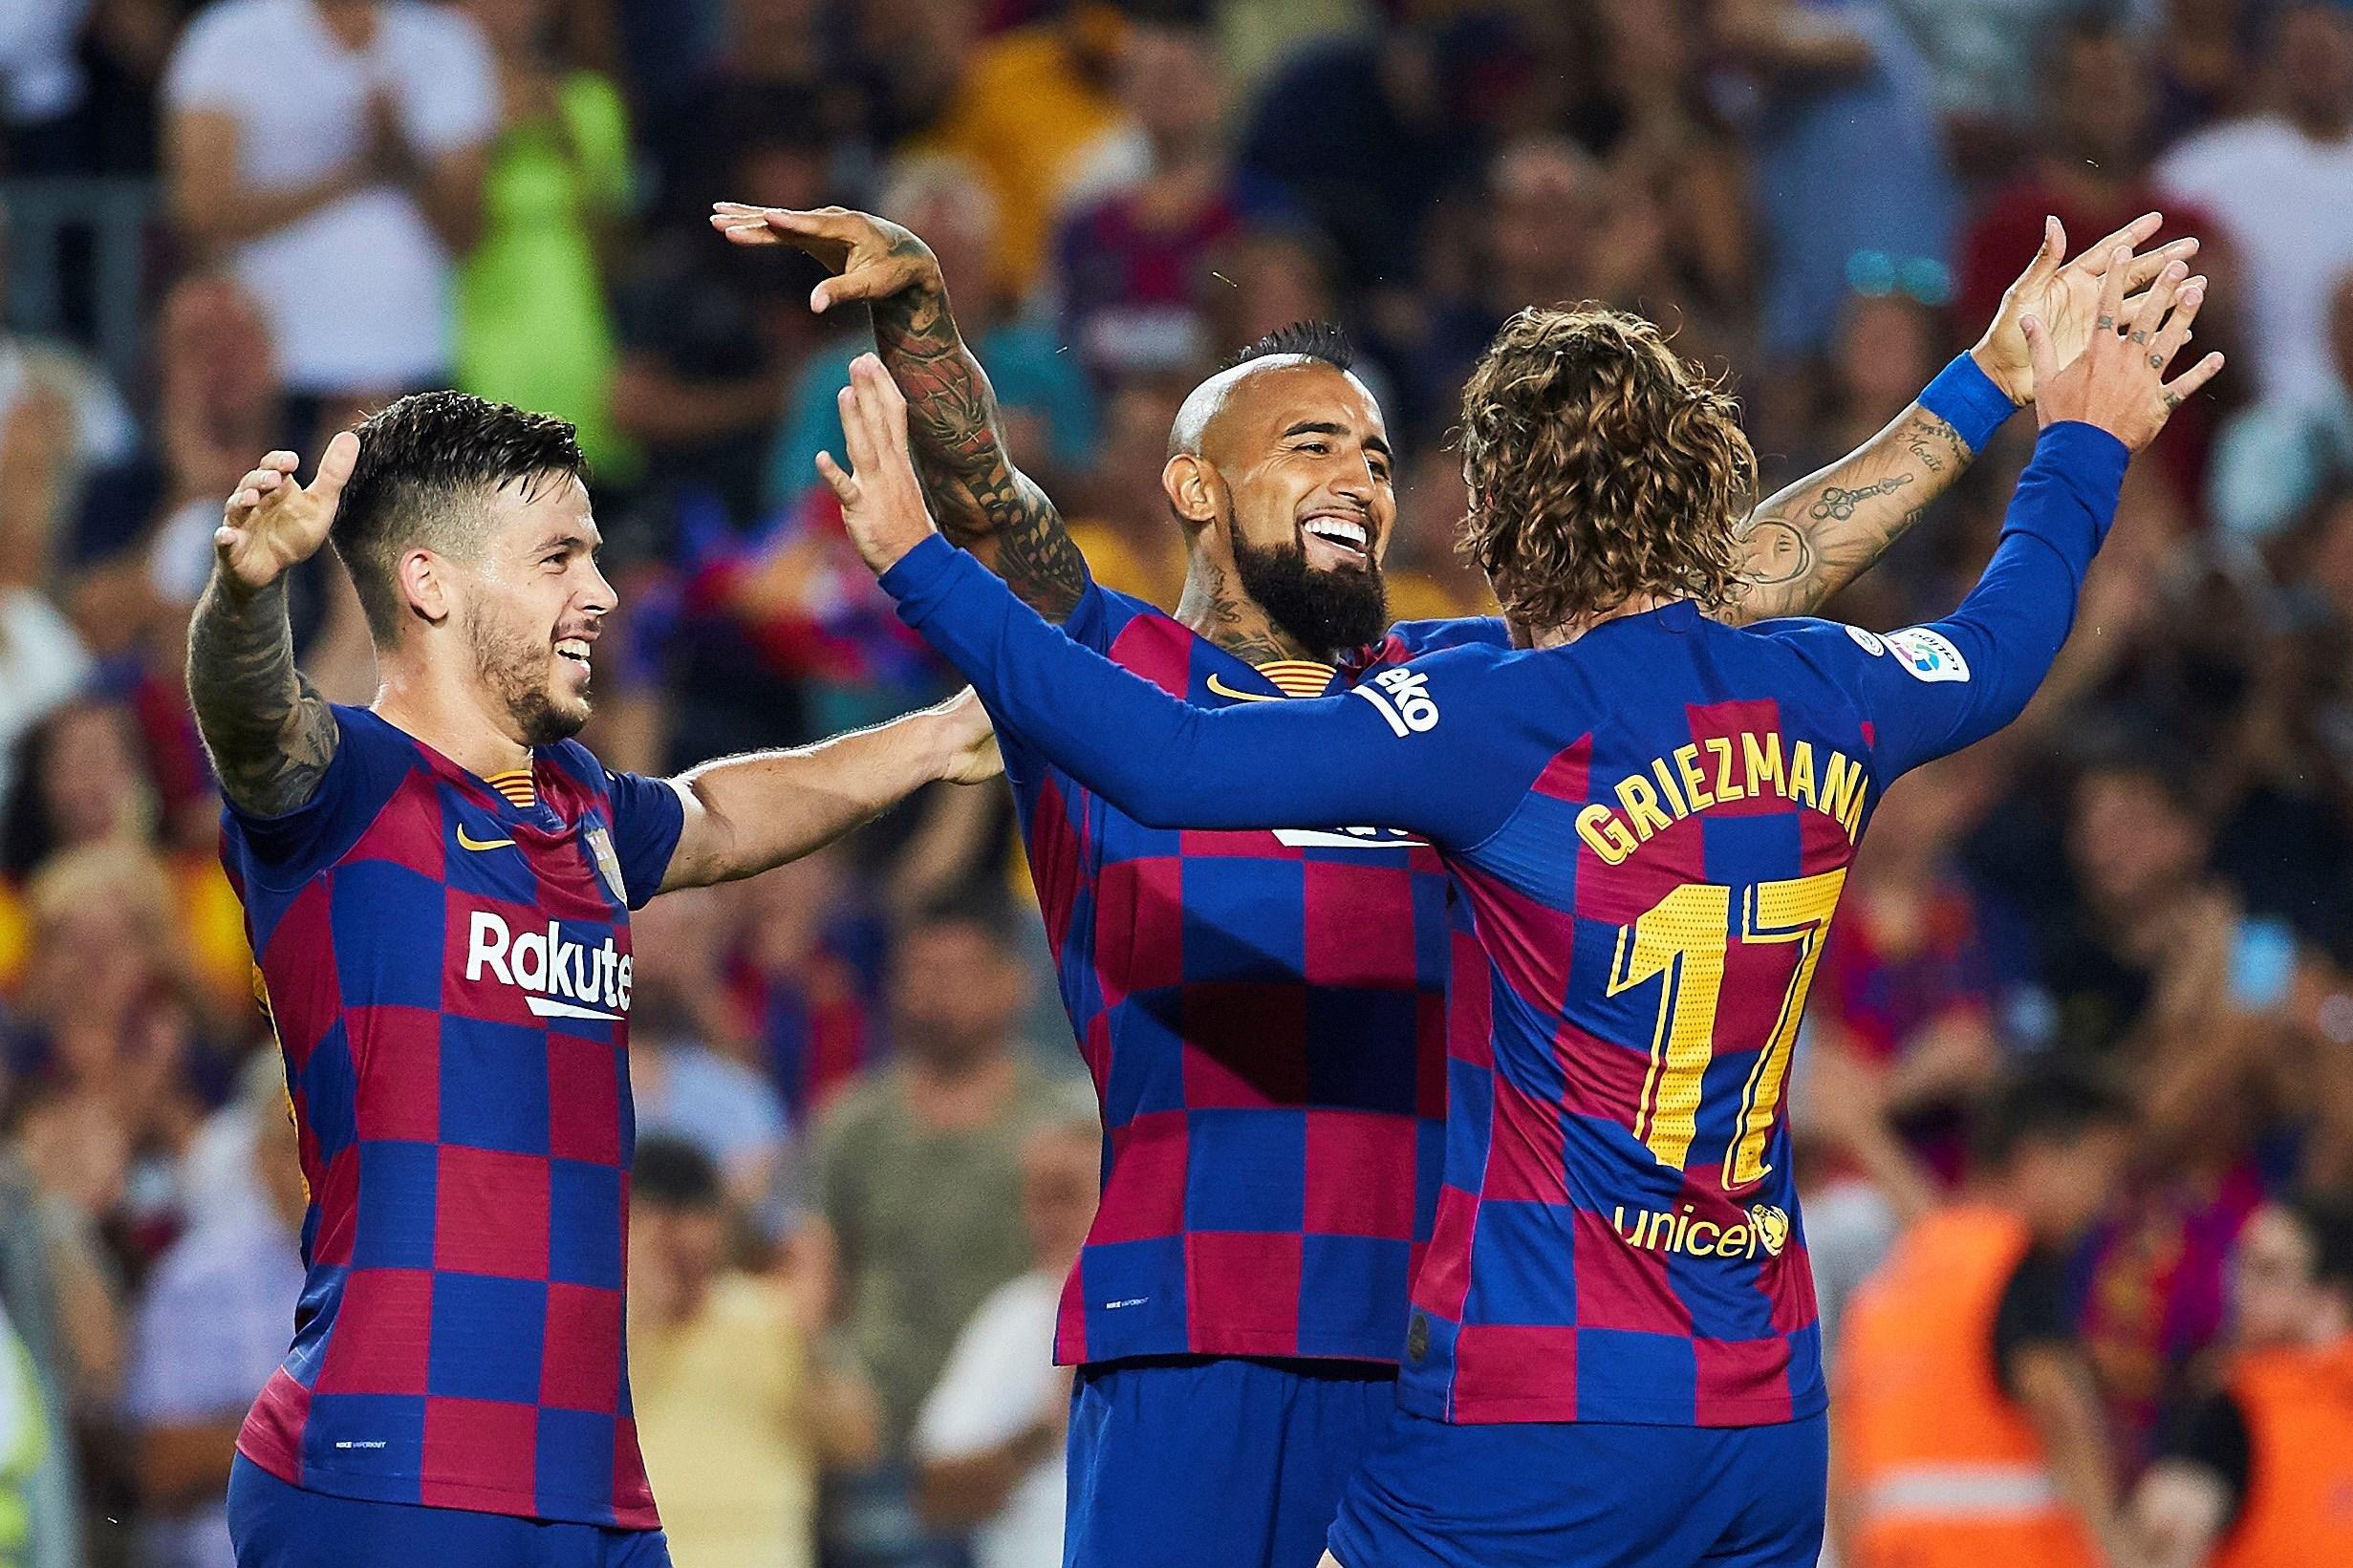 دون عناء.. برشلونة في الطريق لتجديد عقد بيريز بلا مفاوضات